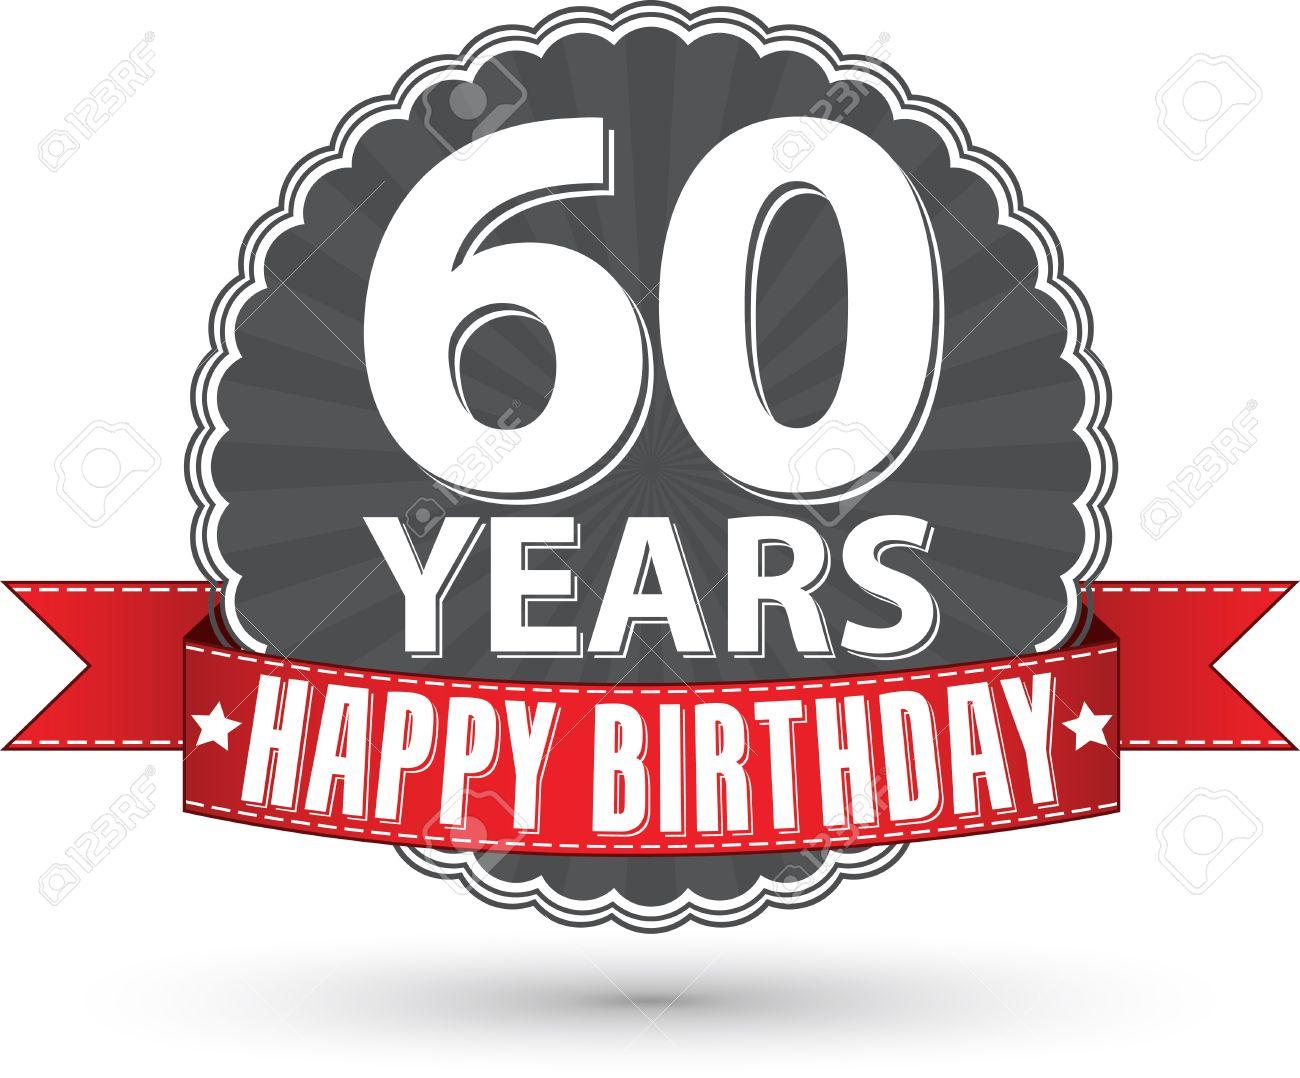 Buon Compleanno 60 Anni Etichetta Retrò Con Nastro Rosso